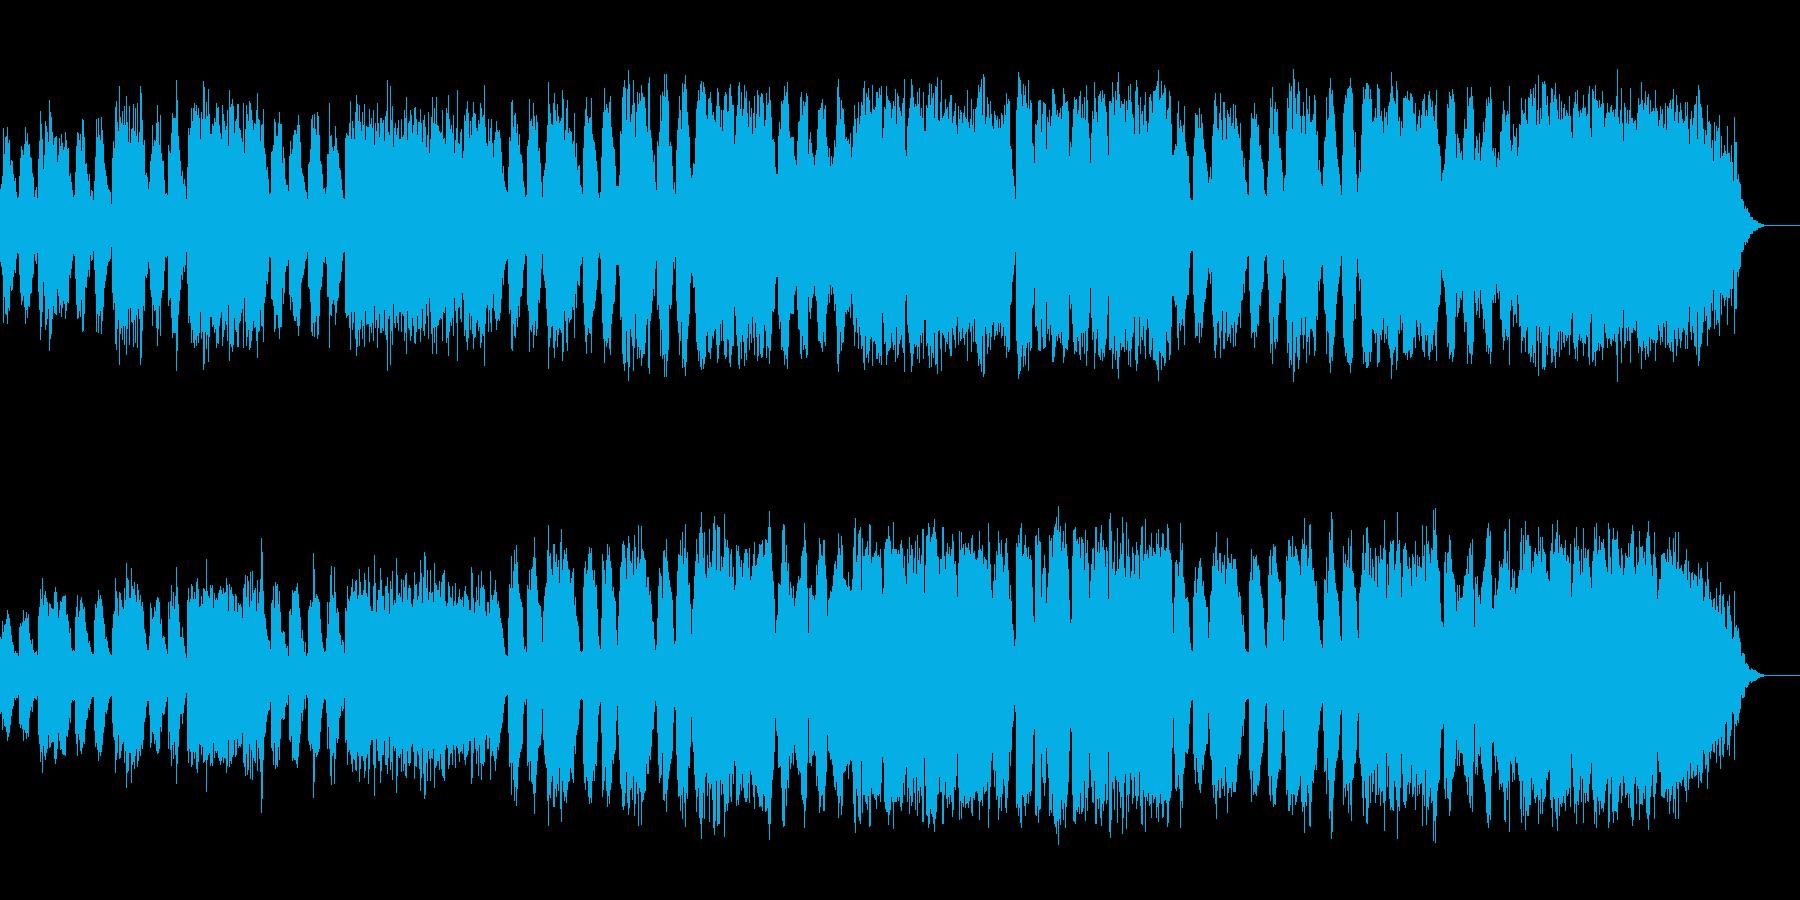 冬の夜空の澄んだオルゴール風アンビエントの再生済みの波形